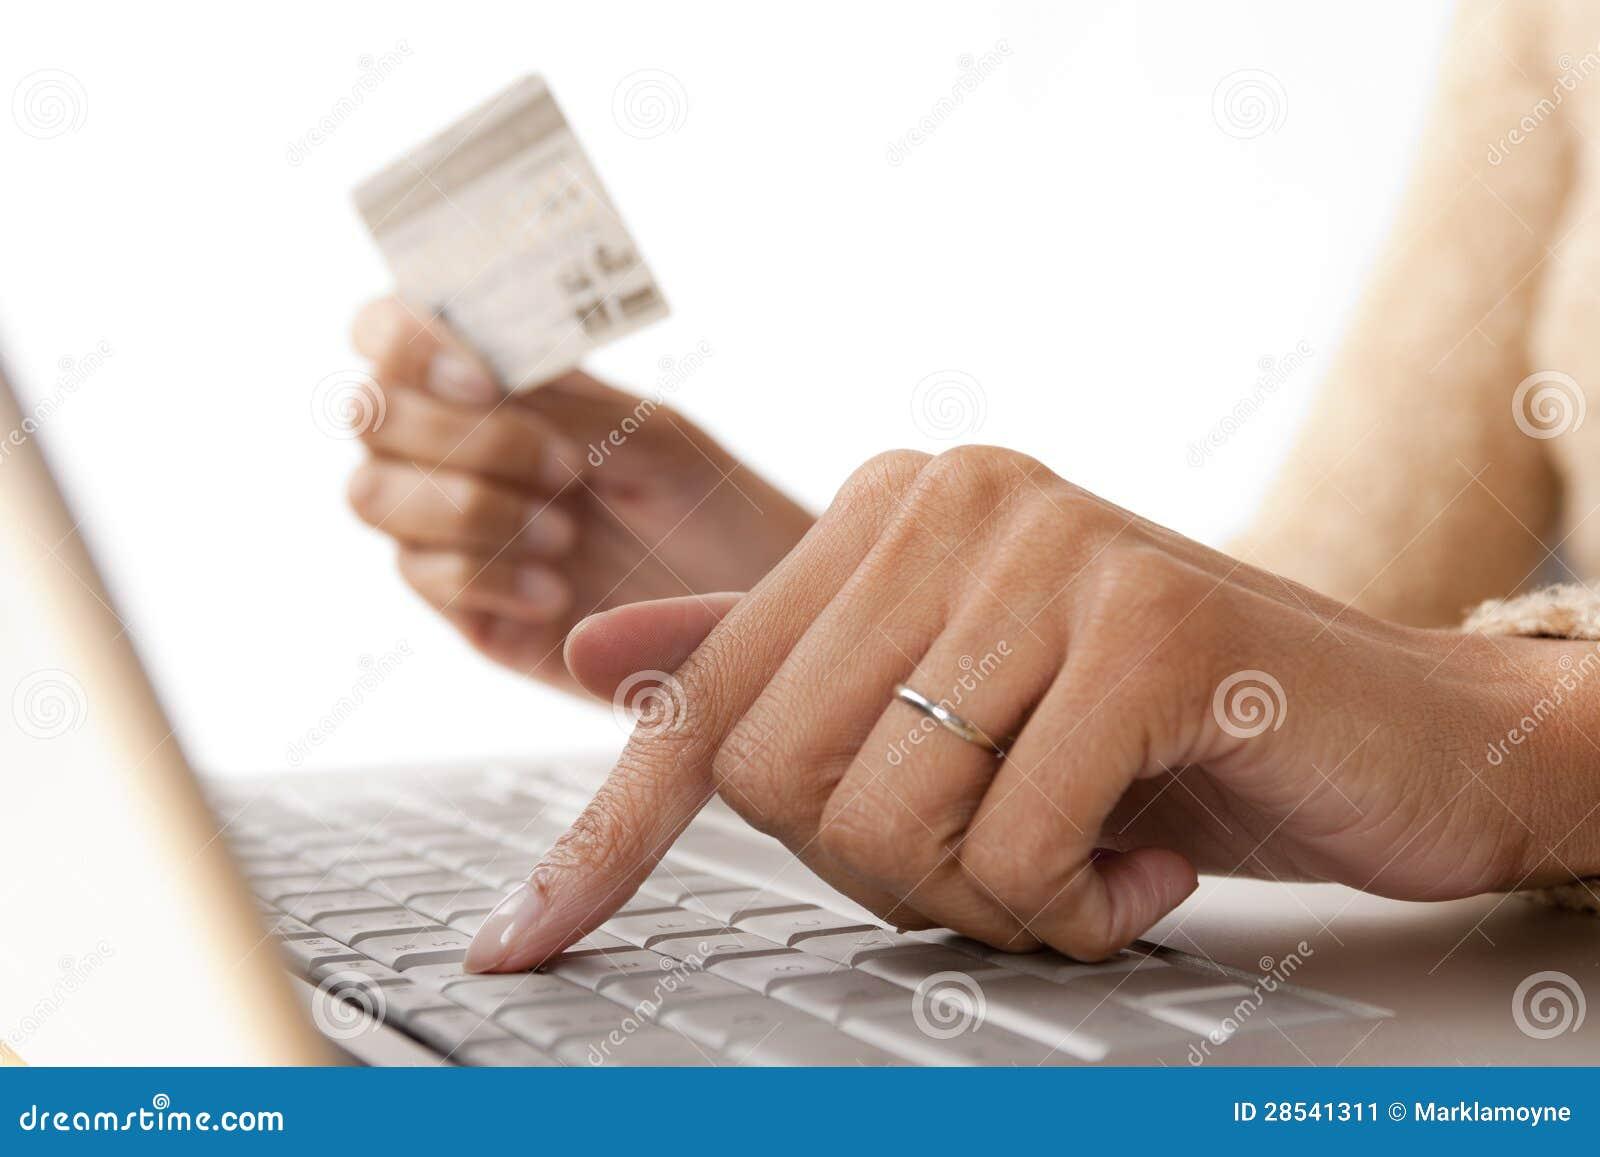 взять долгосрочный займ онлайн